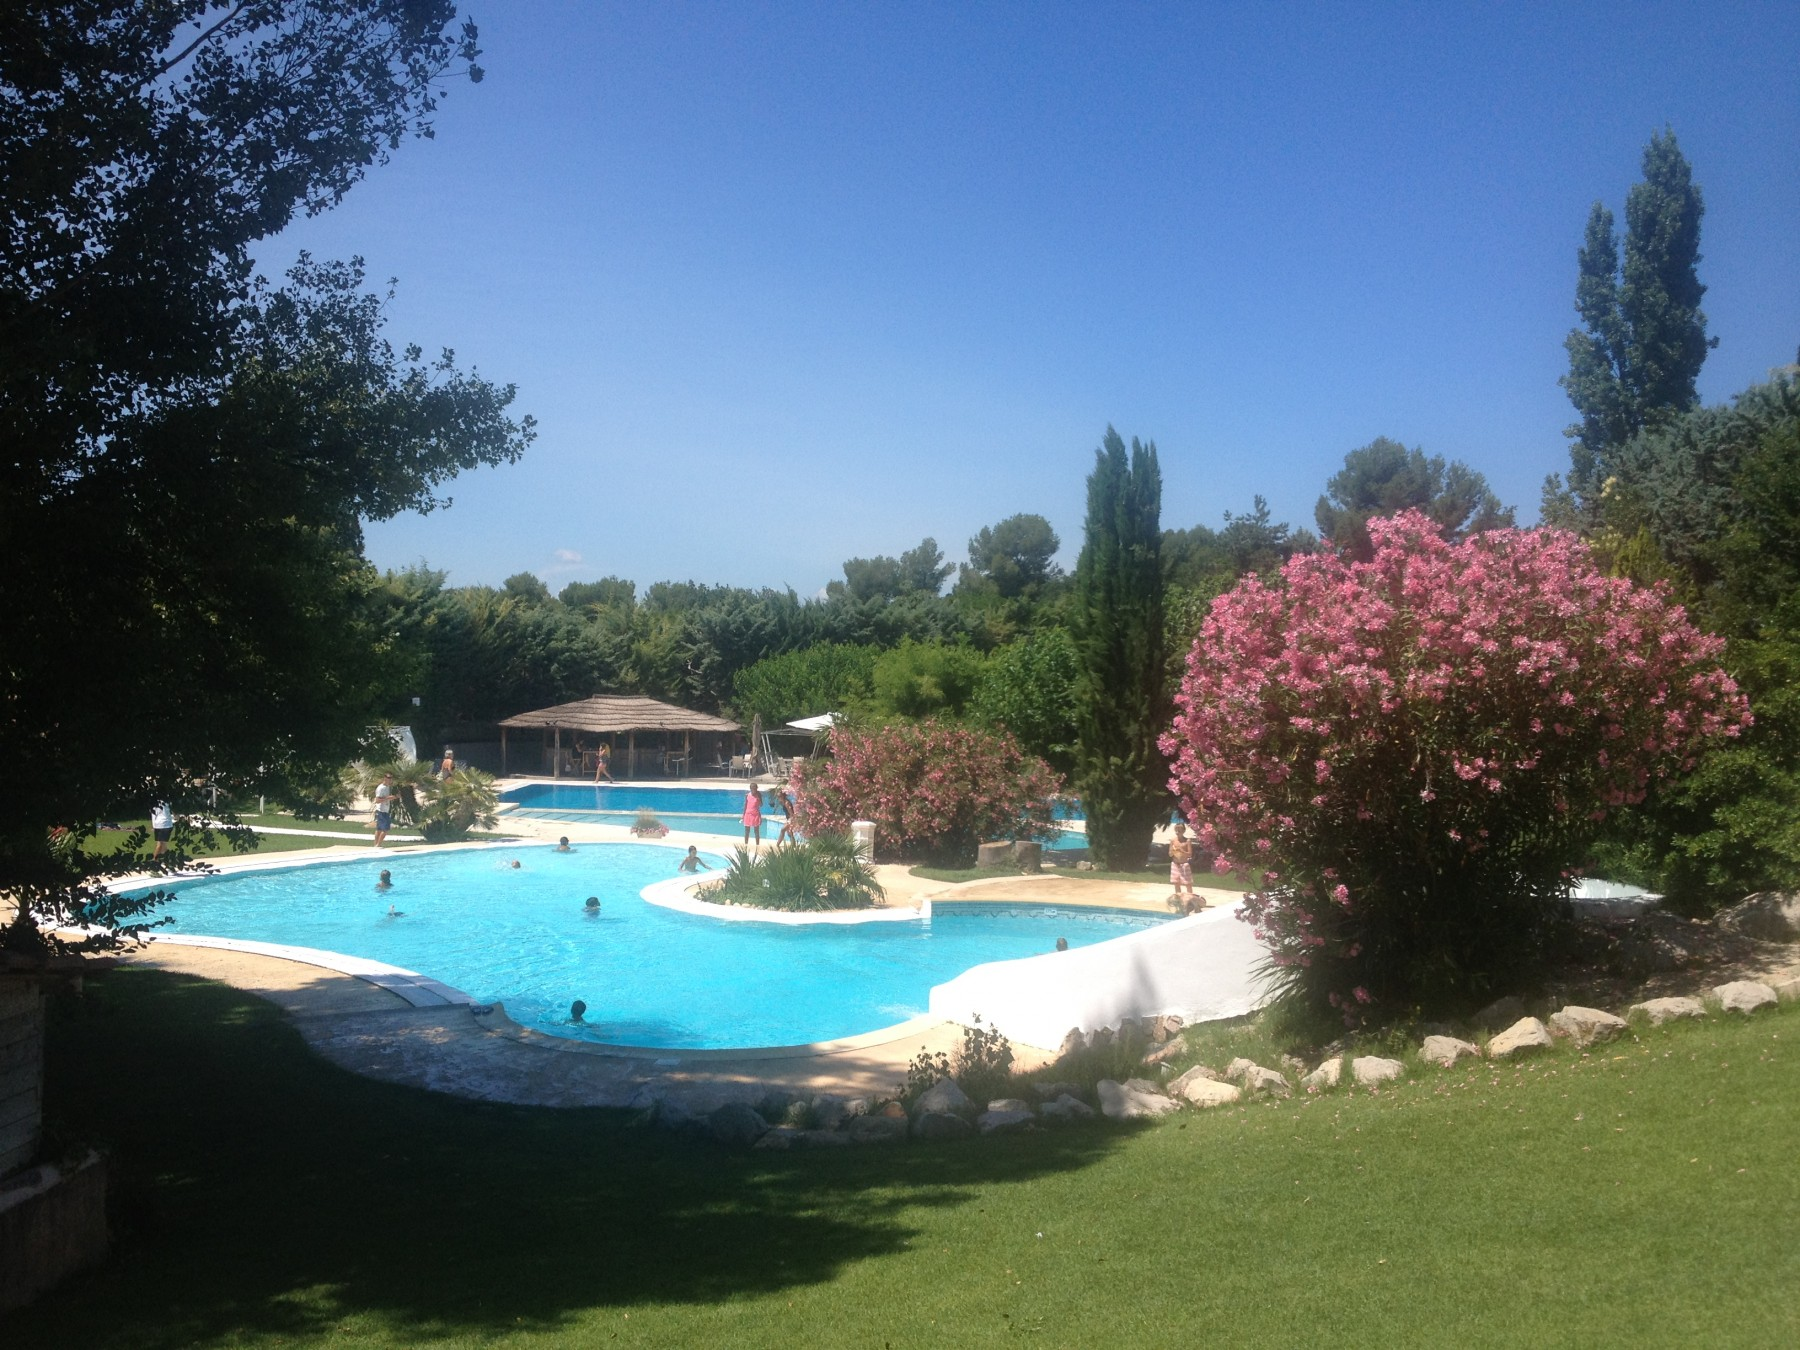 Set Club : La Grande Famille Du Sport Et Des Loisirs à Aix-en-Provence. -  LE SET CLUB : Une Réponse Familiale De Loisirs En Plein Coeur Du0027Aix-en- Provence